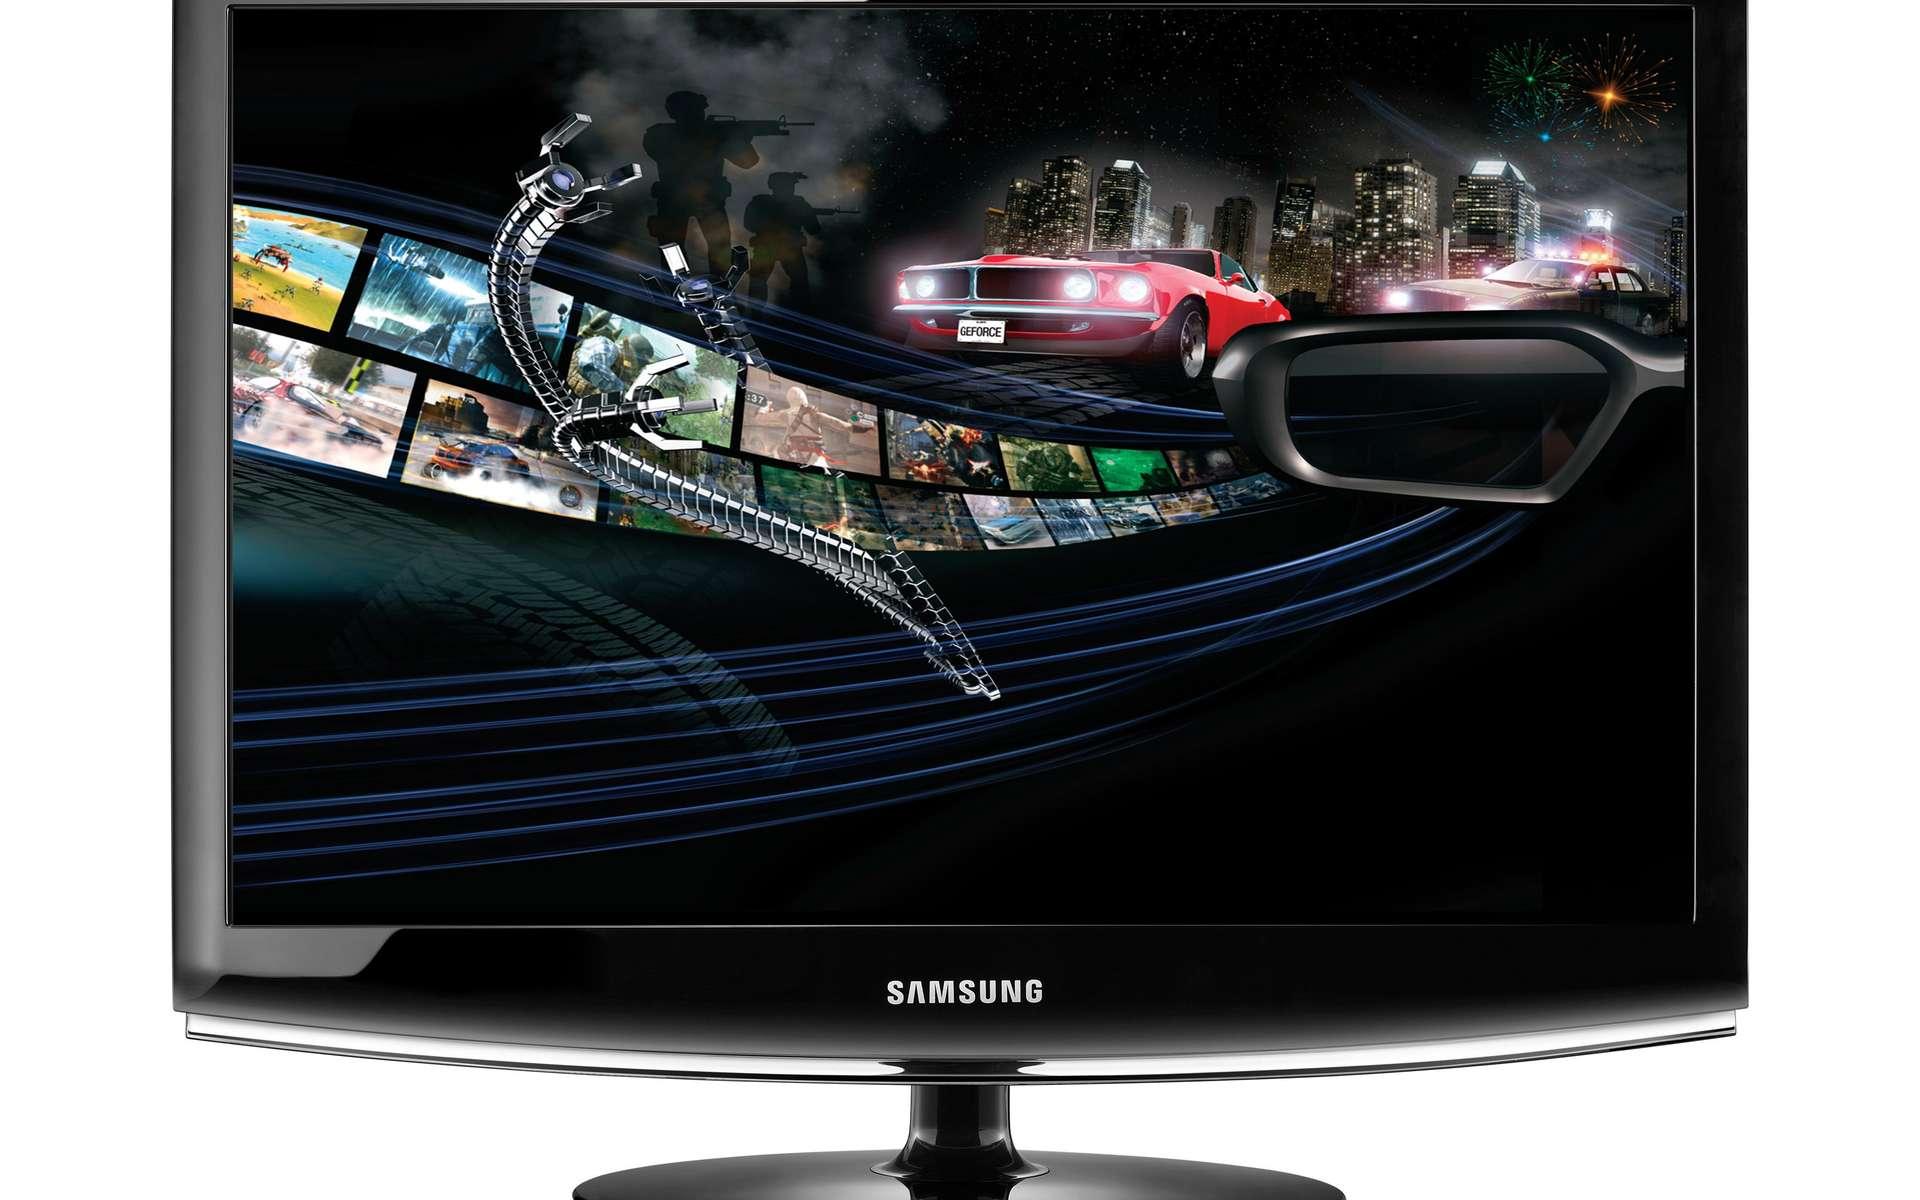 Avec des lunettes spéciales à obturateur électronique, qui cachent et découvrent alternativement chacun des yeux, et une carte graphique Geoforce 3D de Nvidia, le SyncMaster 2233RZ permet de profiter de films et de jeux vidéo en 3D. © Samsung